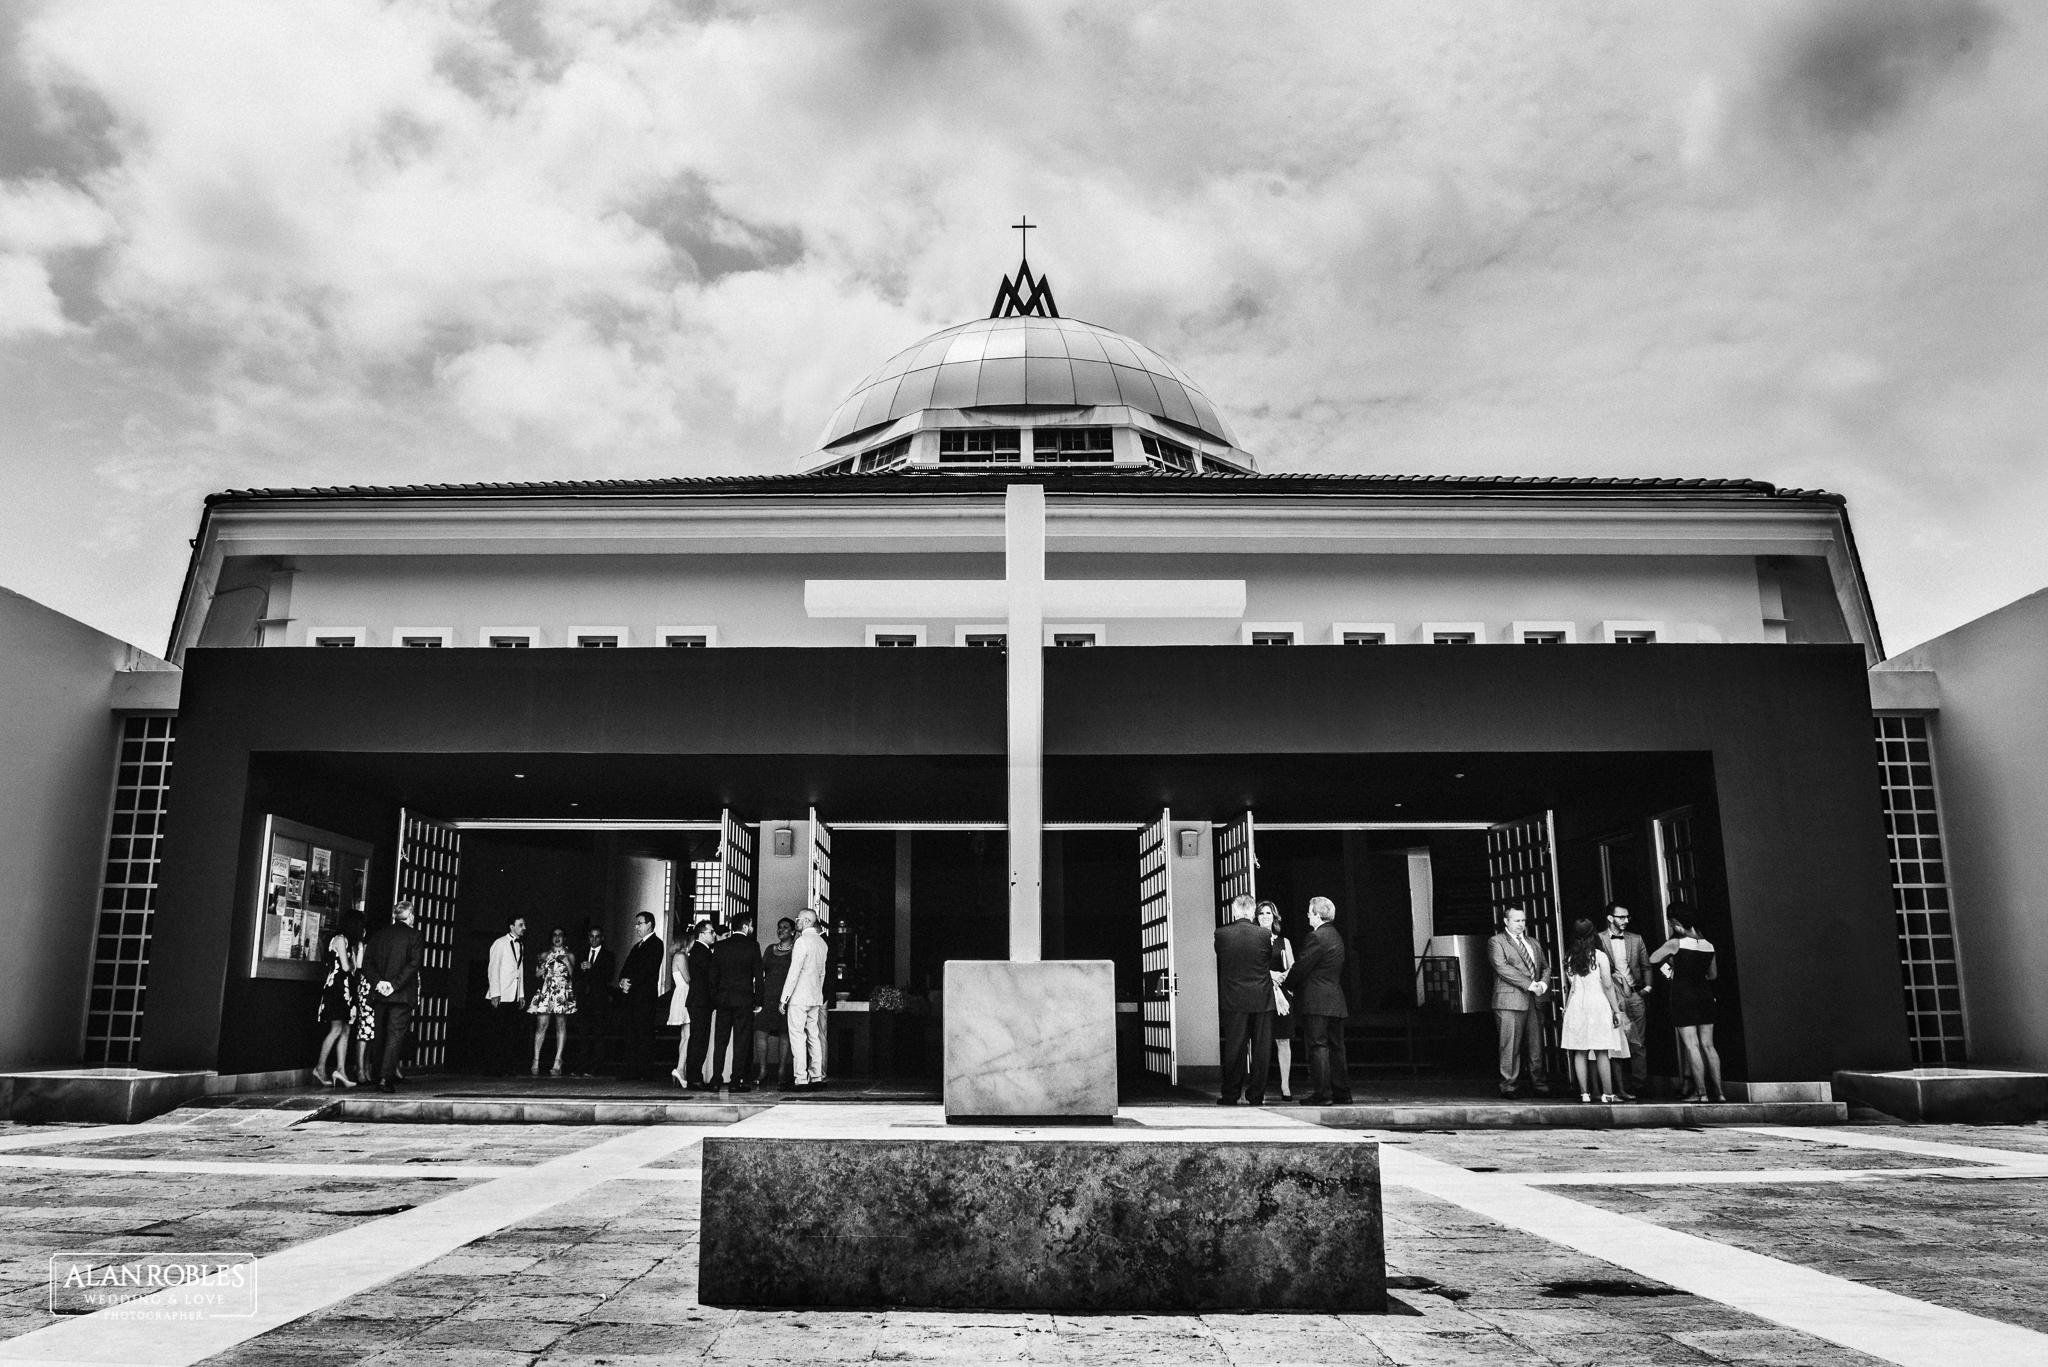 Parroquia de Nuestra señora de las bugambilias. Fotografia de Boda. Vista del exterior. Fotografo profesional de bodas Alan Robles.